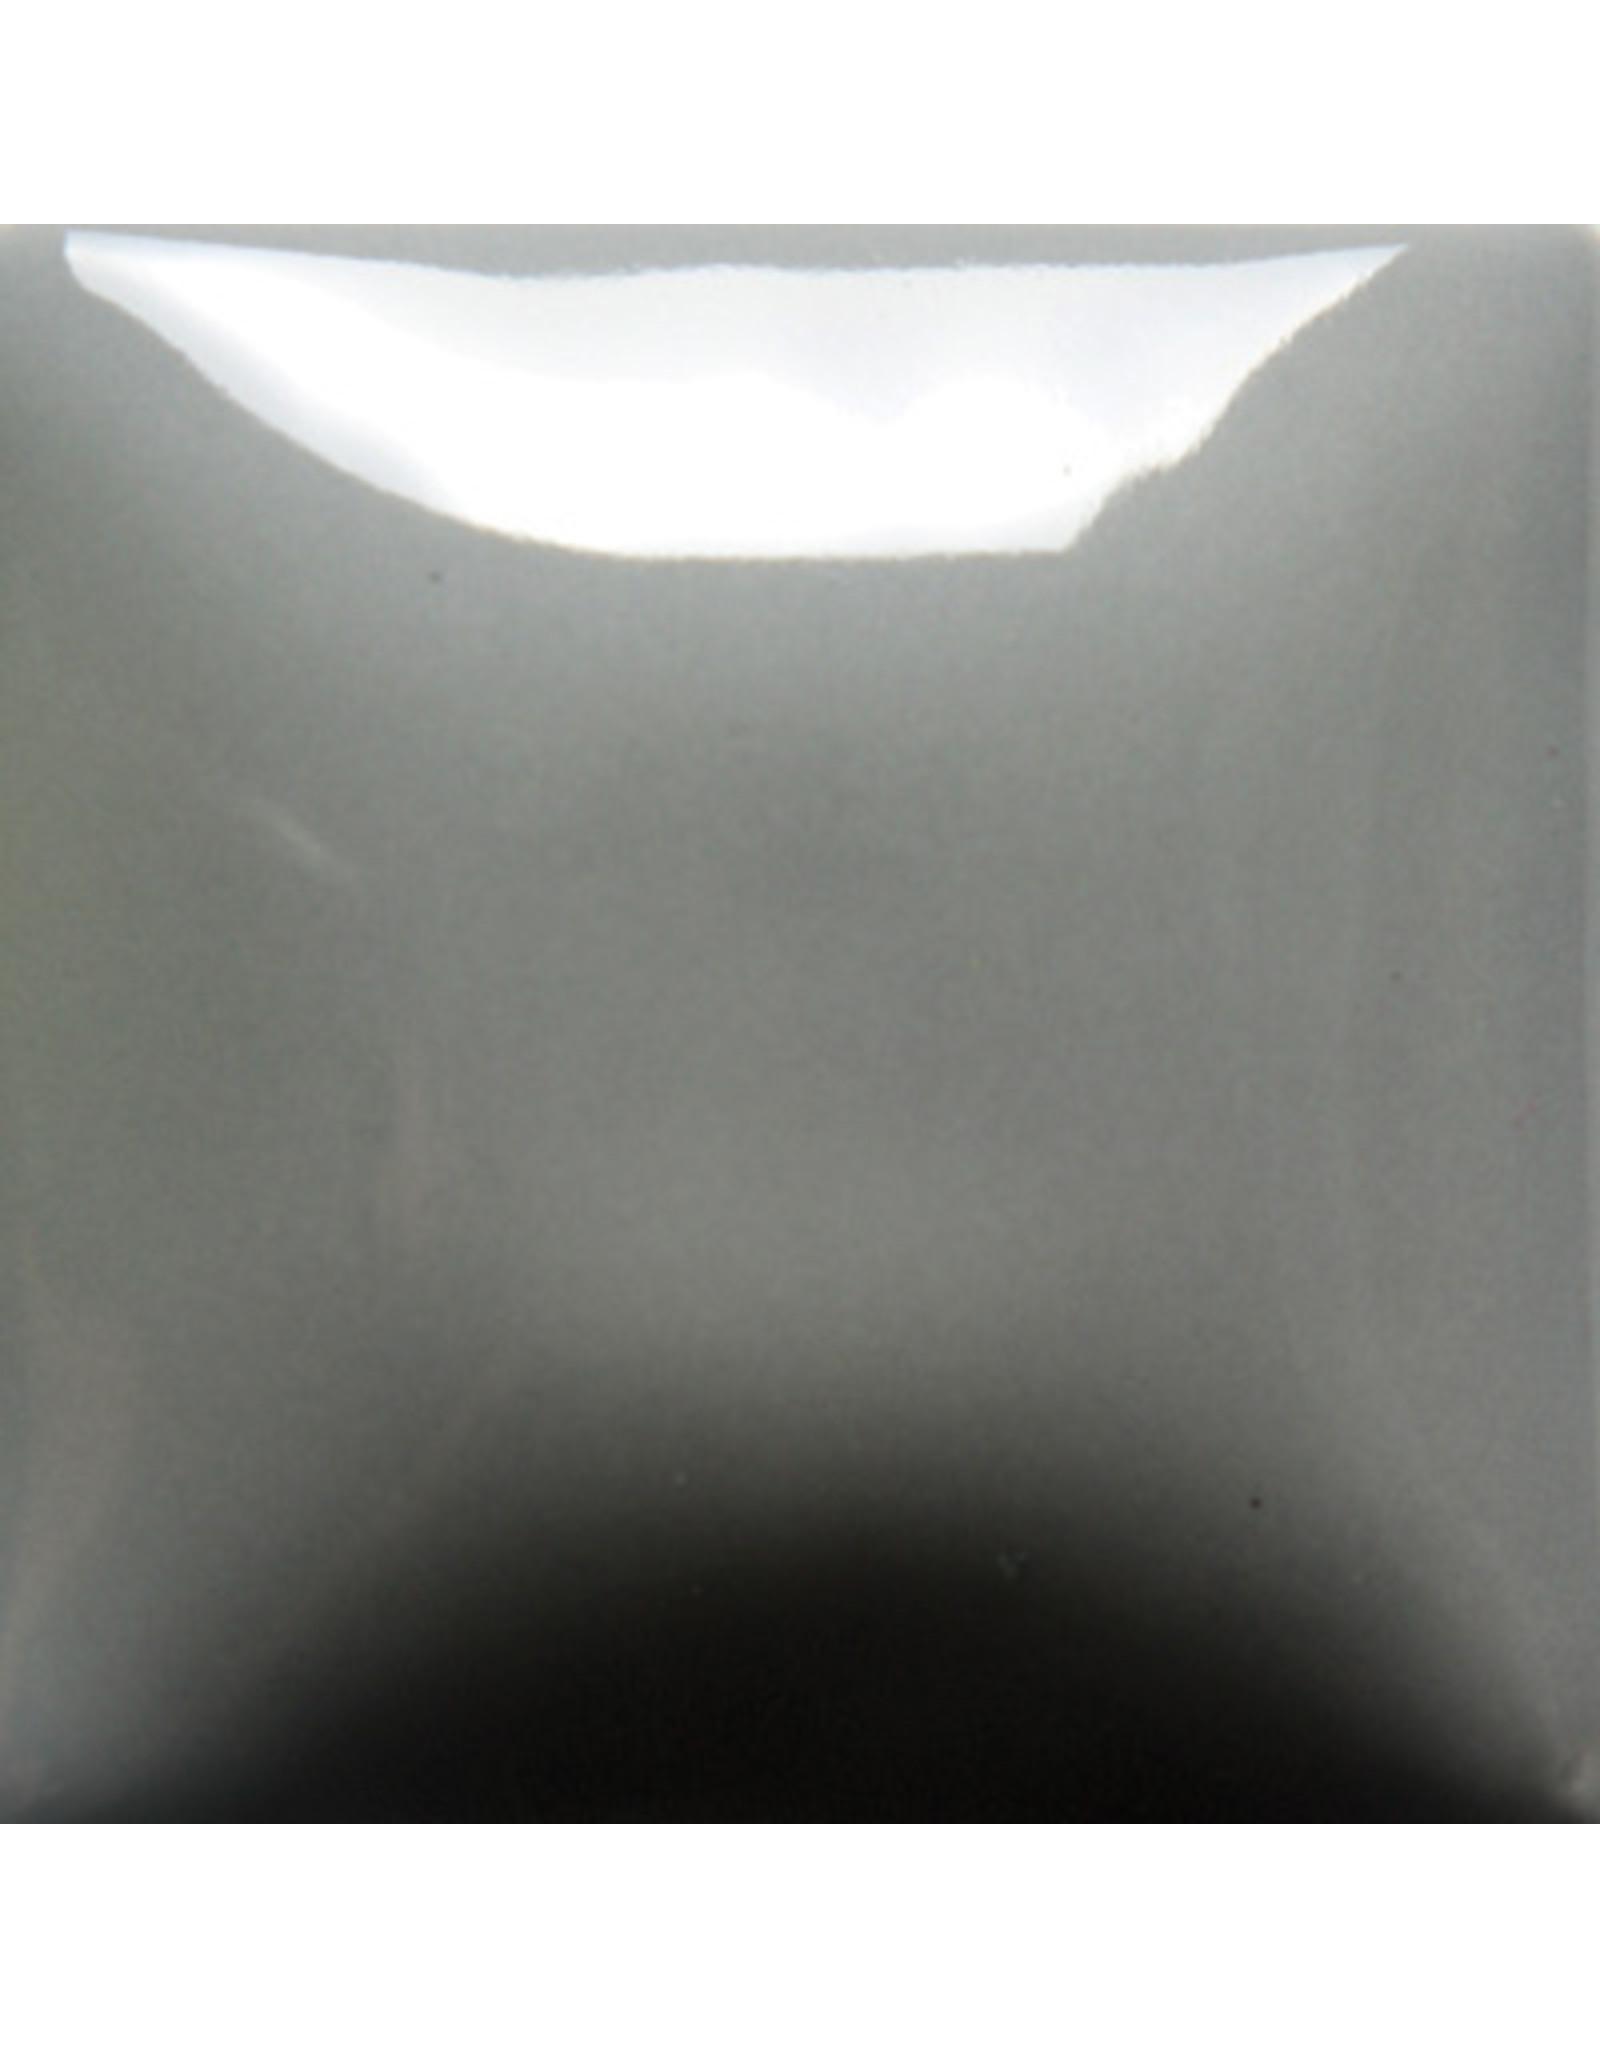 Mayco Mayco Foundations Grey 473ml